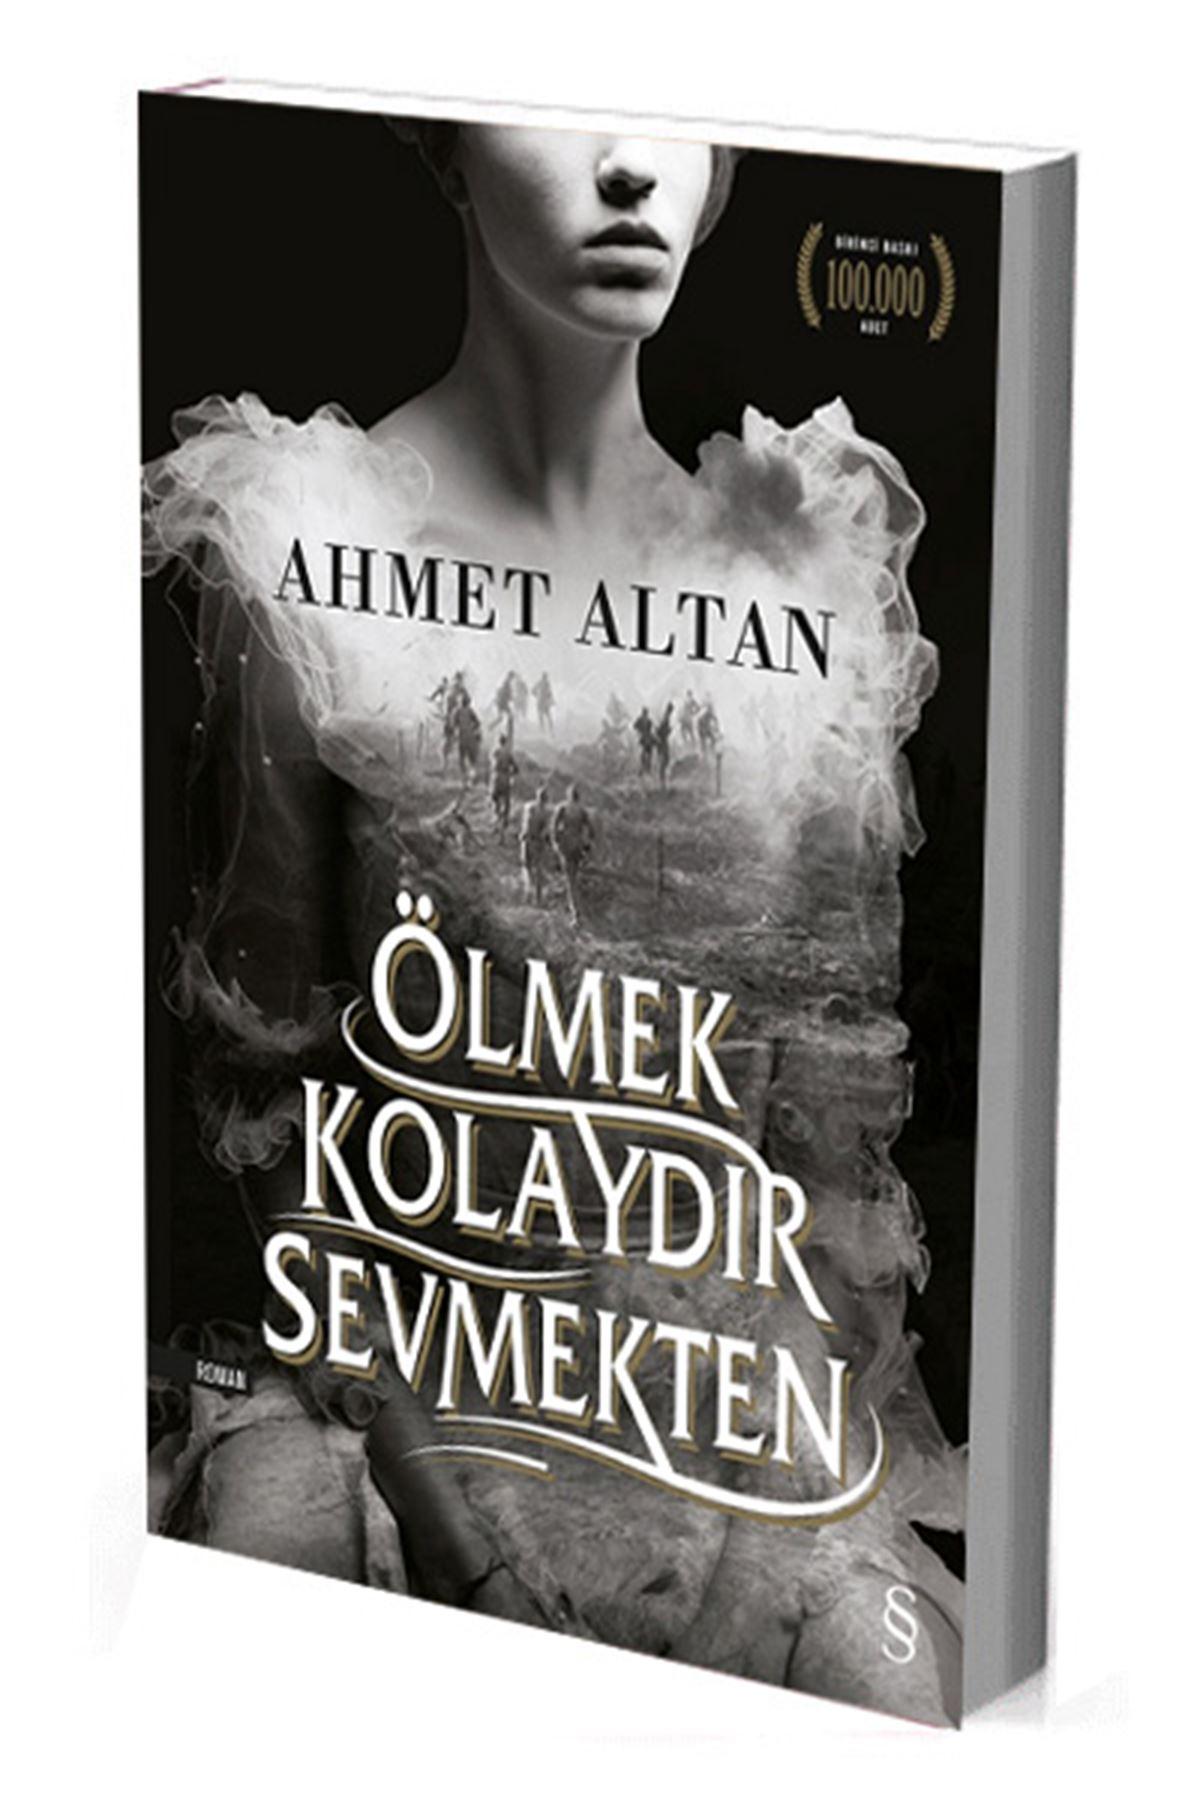 AHMET ALTAN - ÖLMEK KOLAYDIR SEVMEKTEN